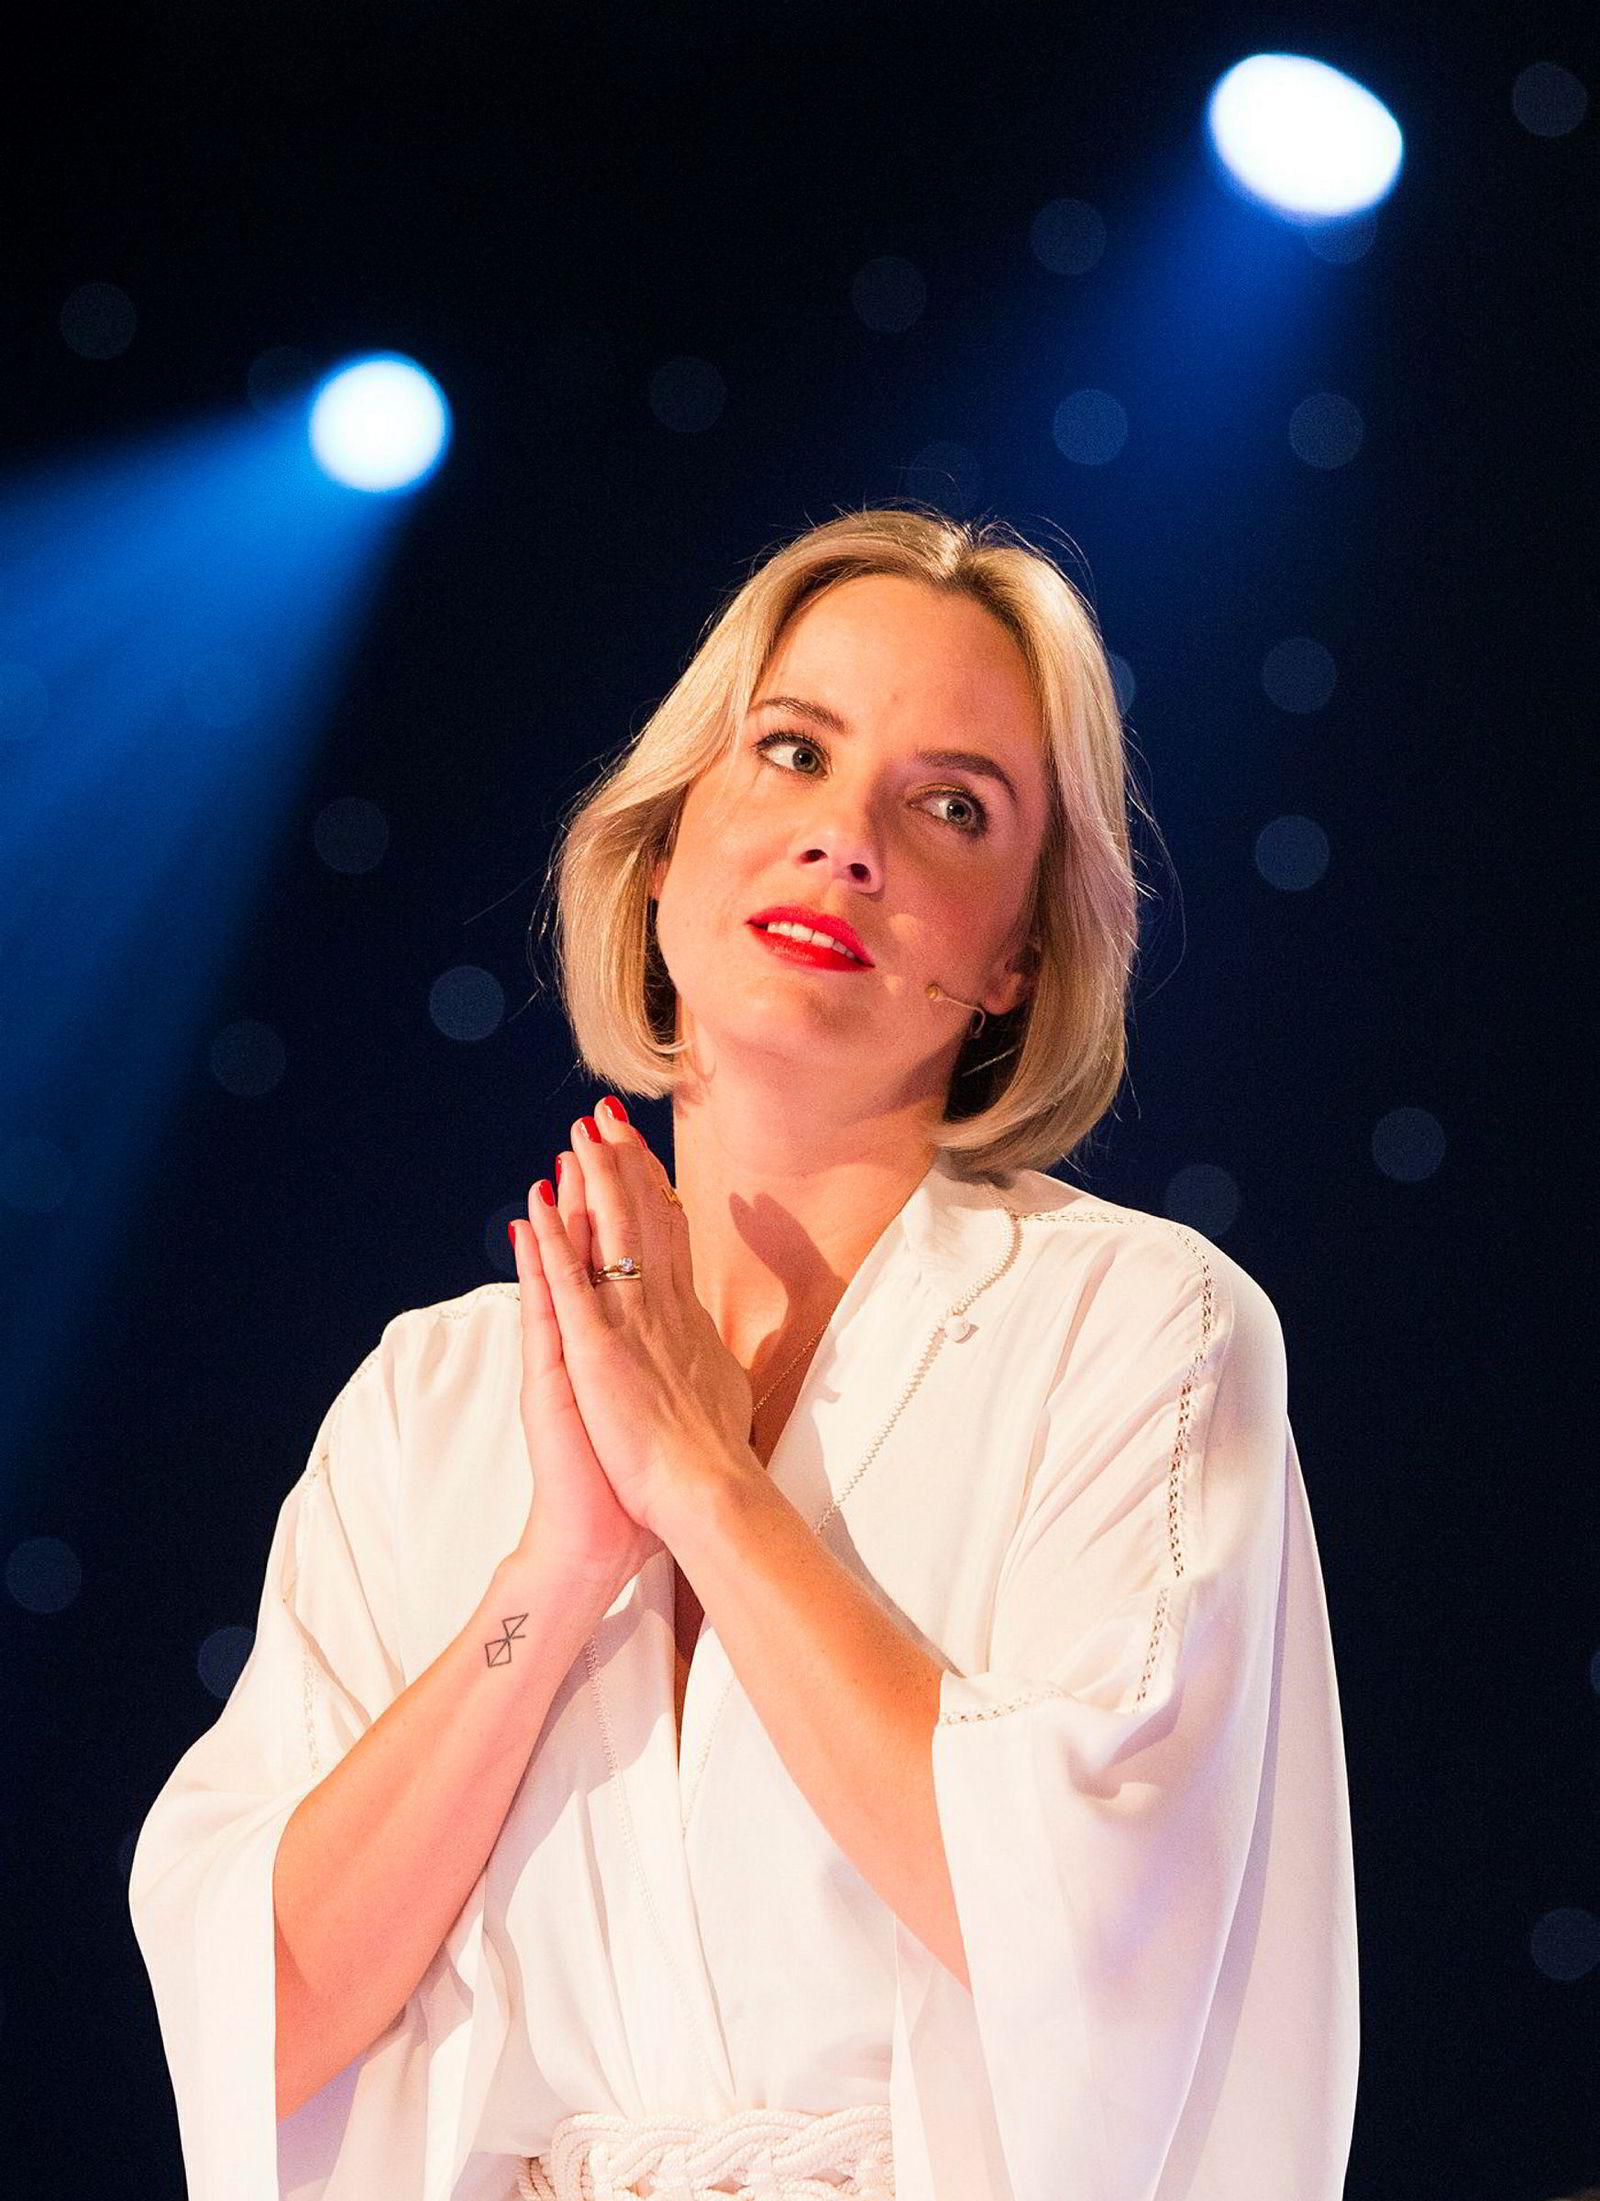 Ina Wroldsen var dommer i Idol i 2016, men har gjort karriere som låtskriver for andre artister.